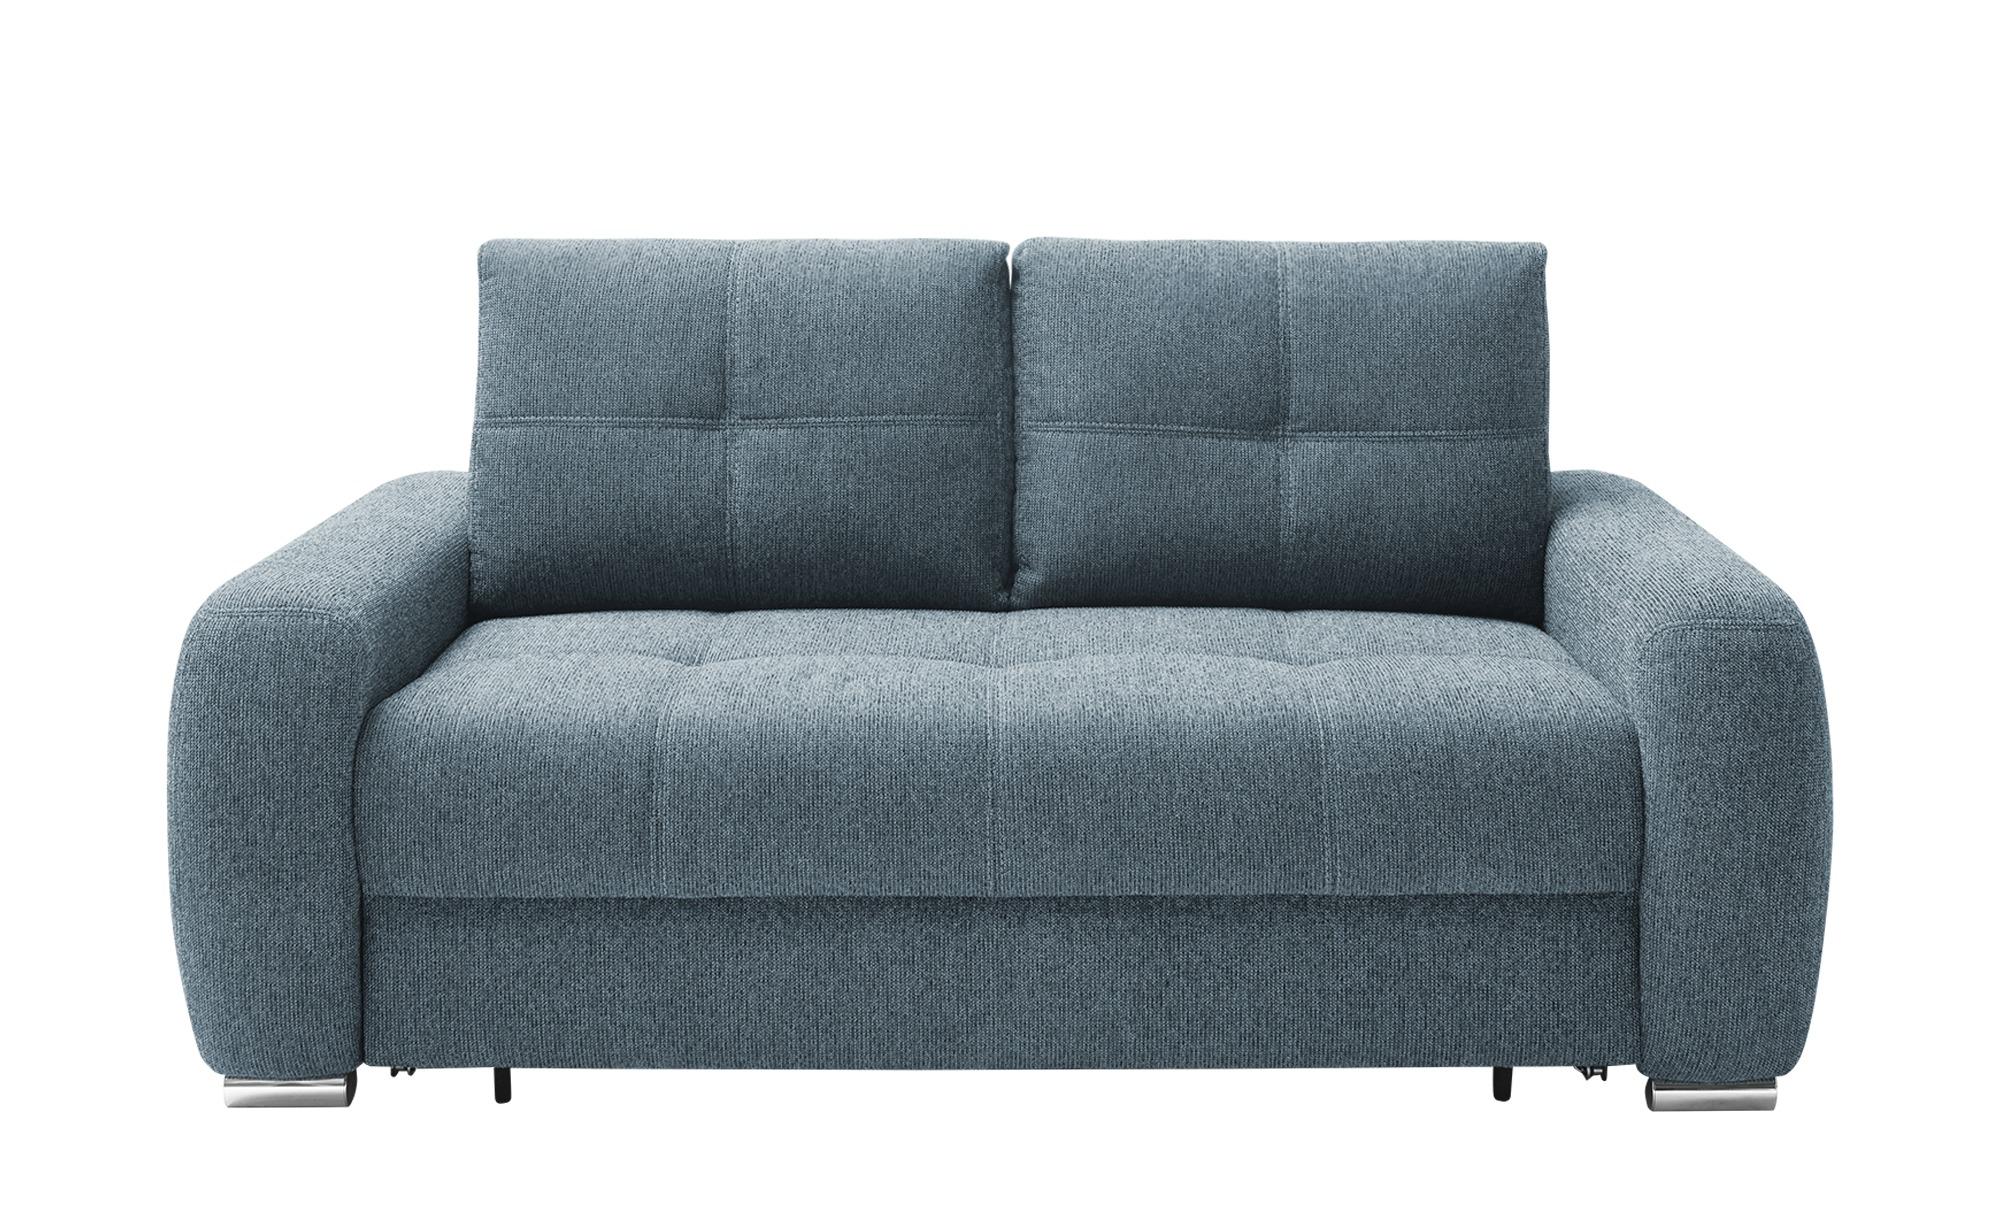 bobb Schlafsofa  Romina de Luxe ¦ blau ¦ Maße (cm): B: 188 H: 93 T: 108 Polstermöbel > Sofas > Einzelsofas - Höffner